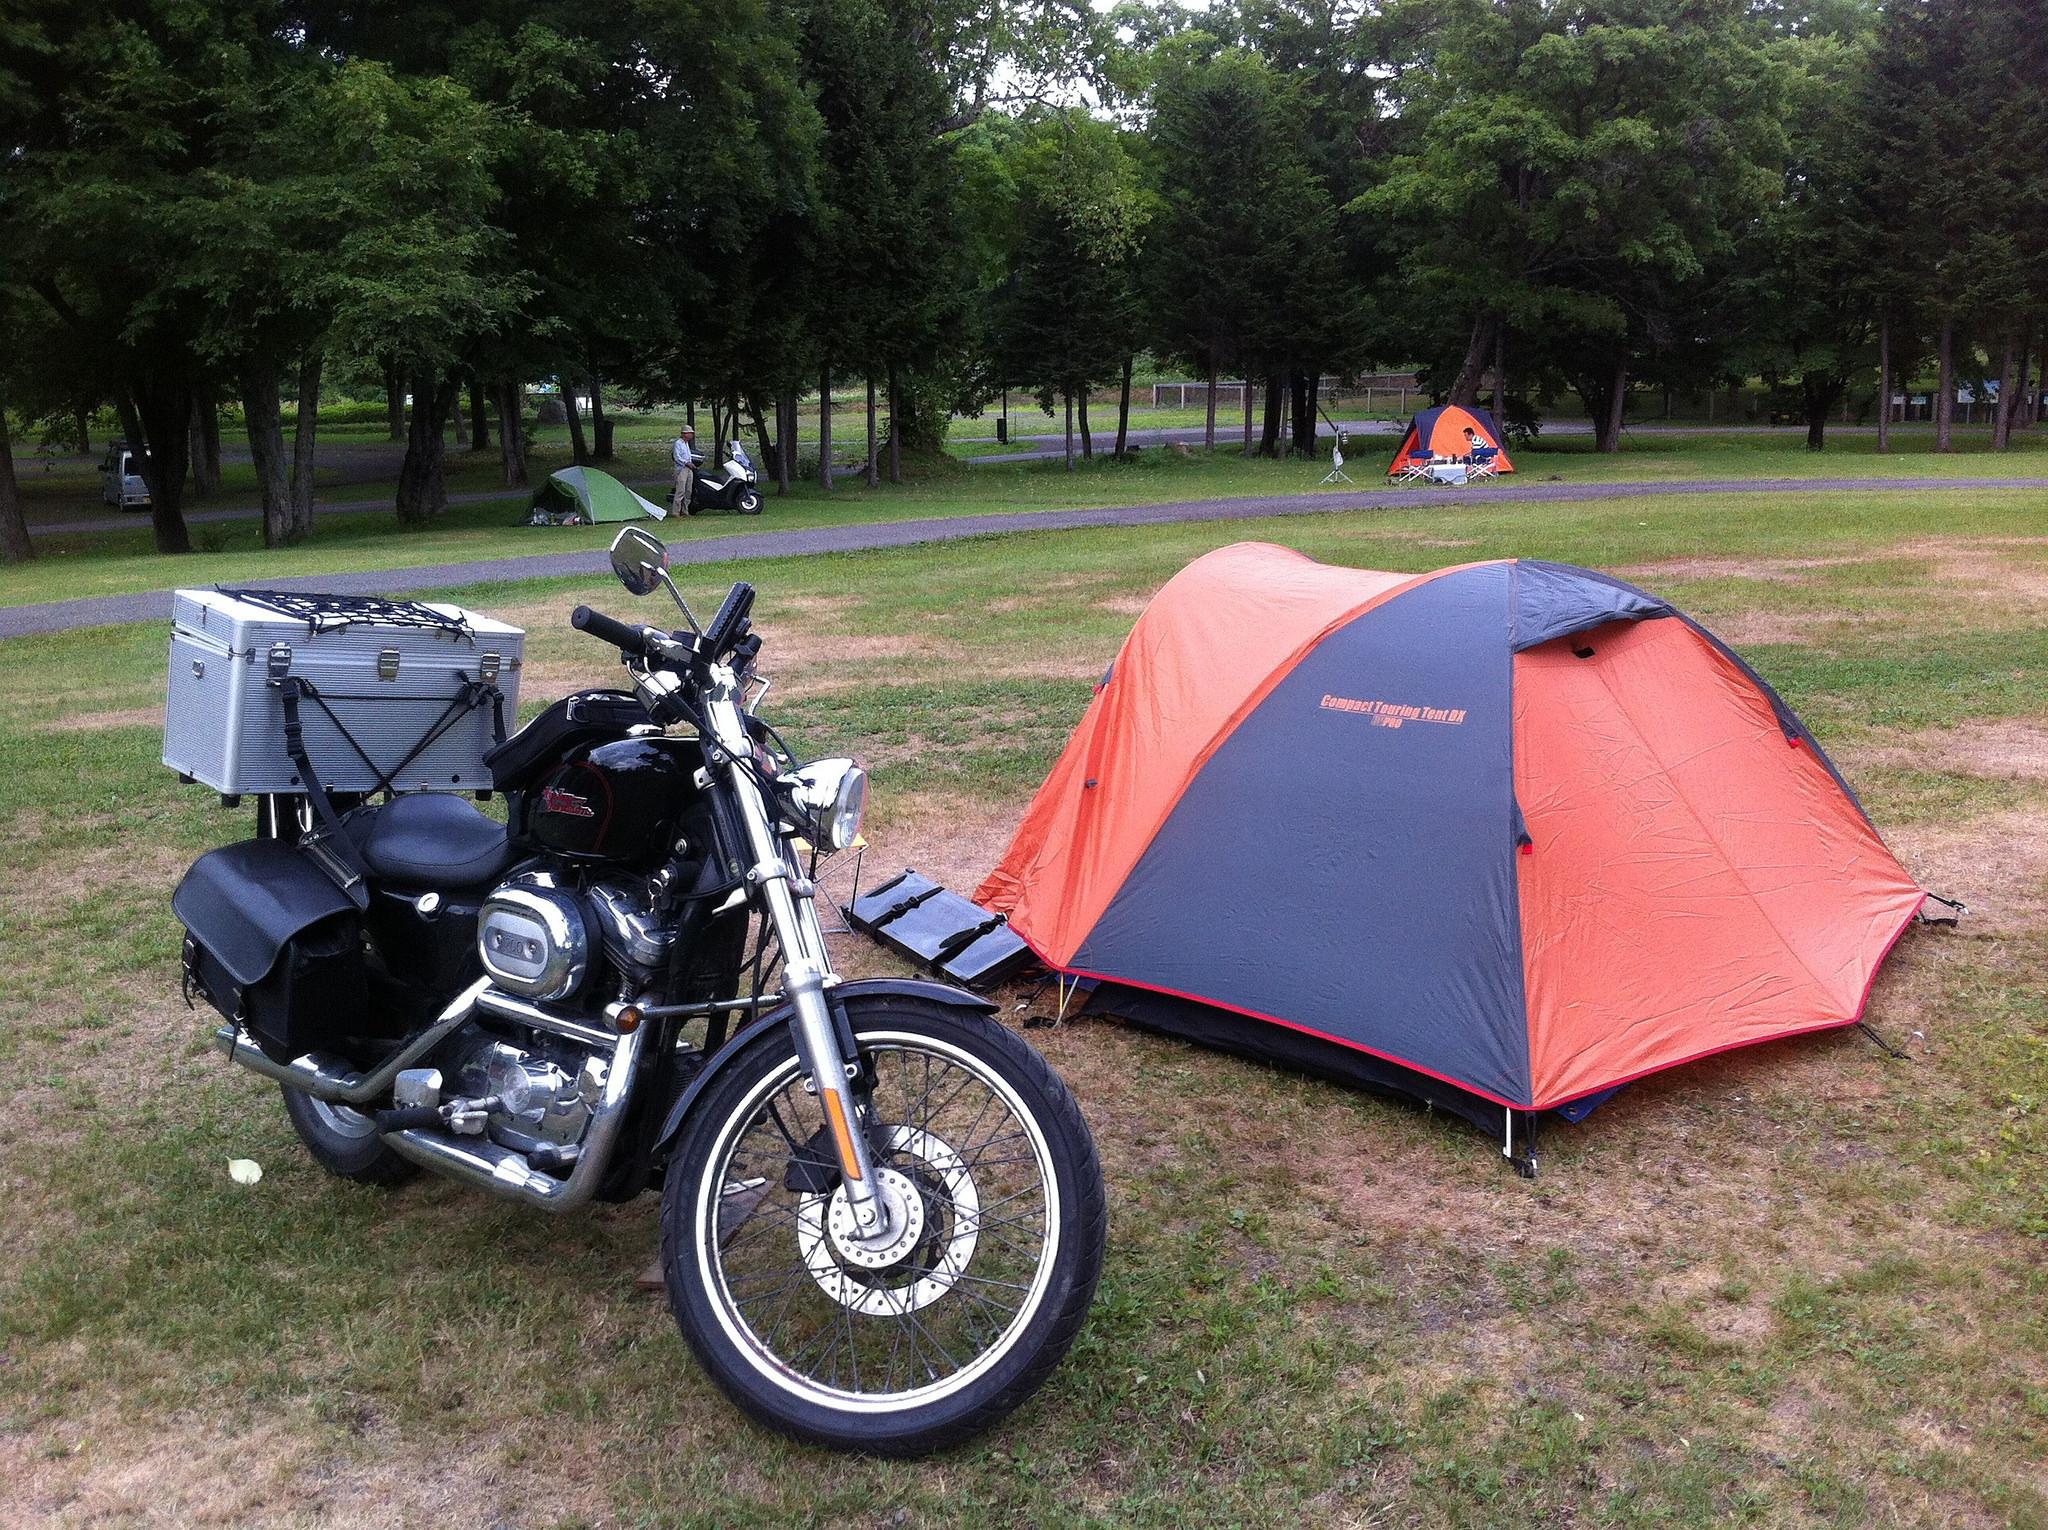 自由と刺激を求めて旅に出よう。キャンプツーリングのすすめ